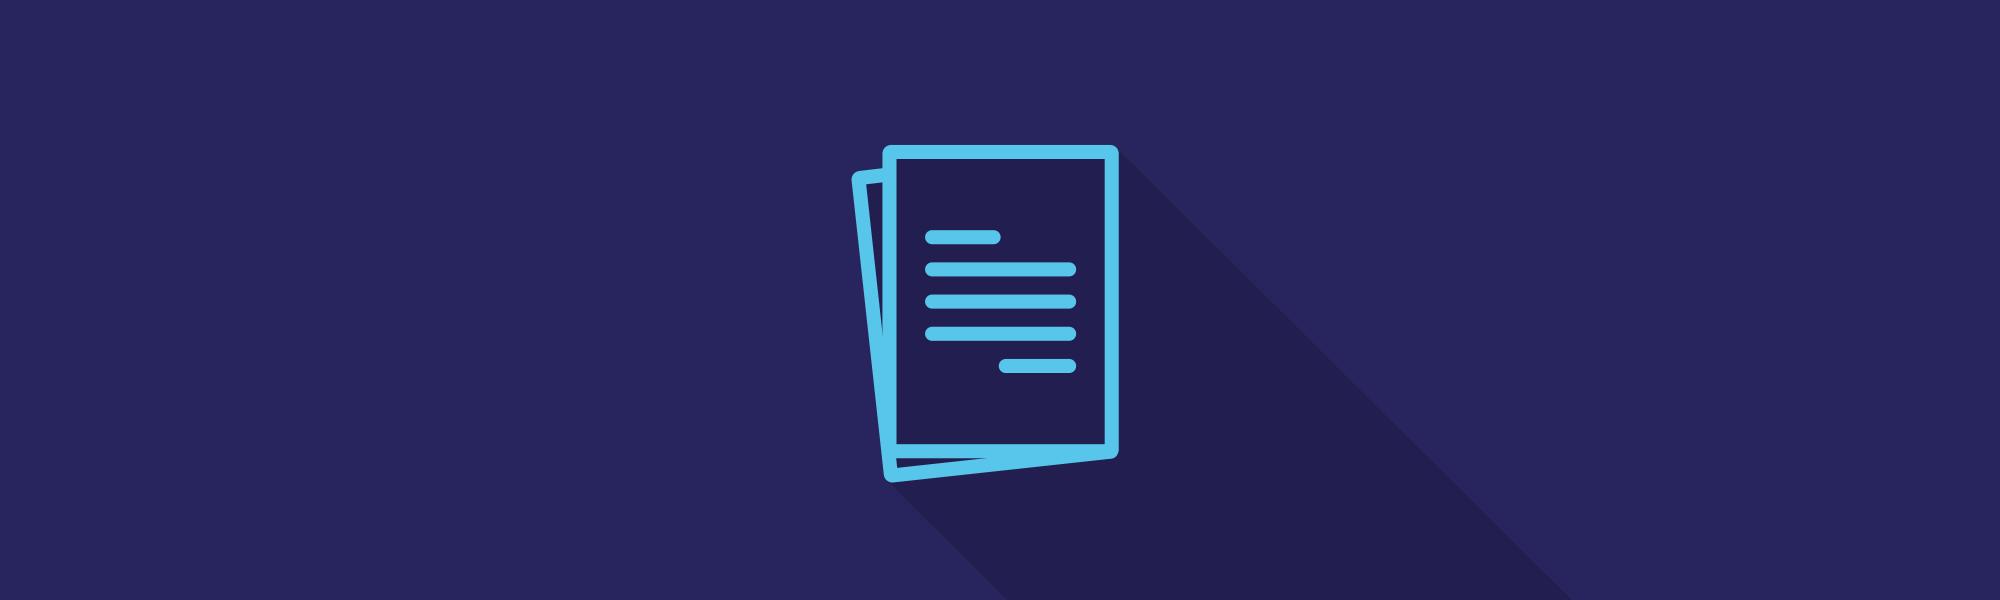 Full width banner understanding contracts